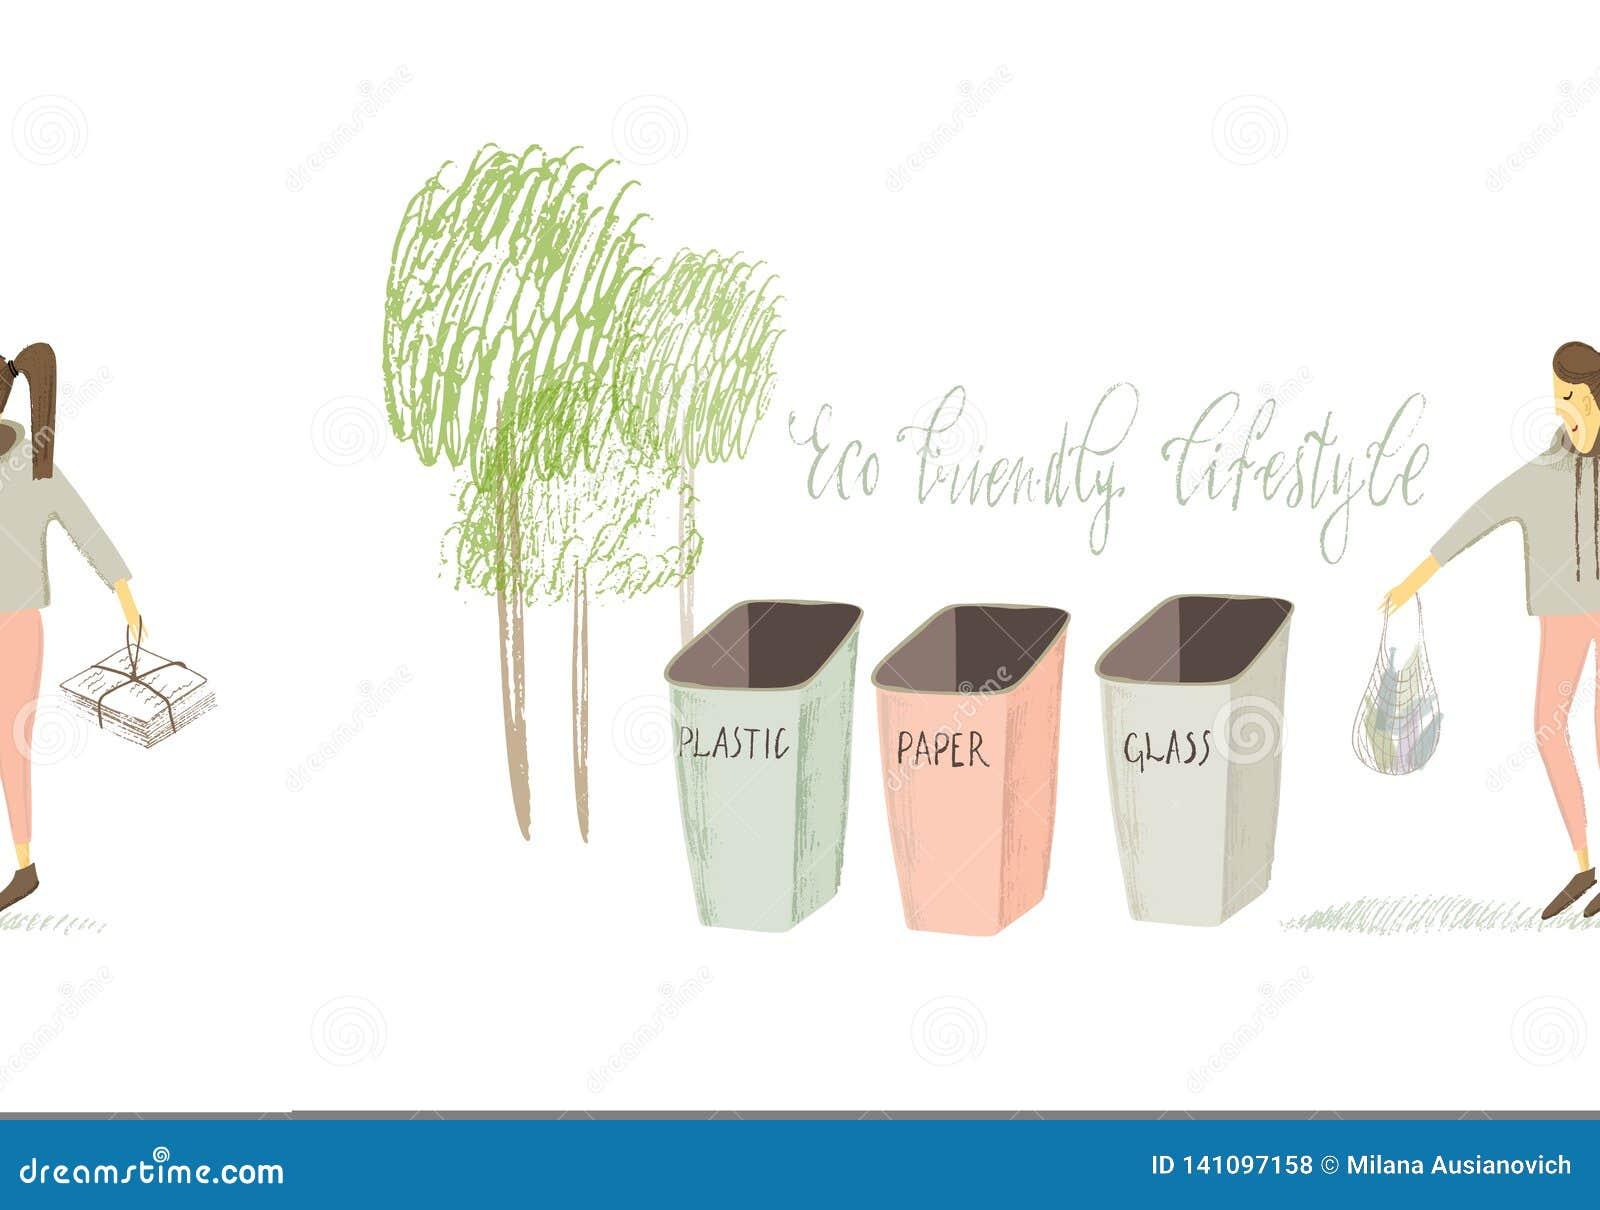 Vita residua zero Stile di Eco nessuna plastica va il verde Ragazza stilizzata Illustrazione disegnata a mano di vettore